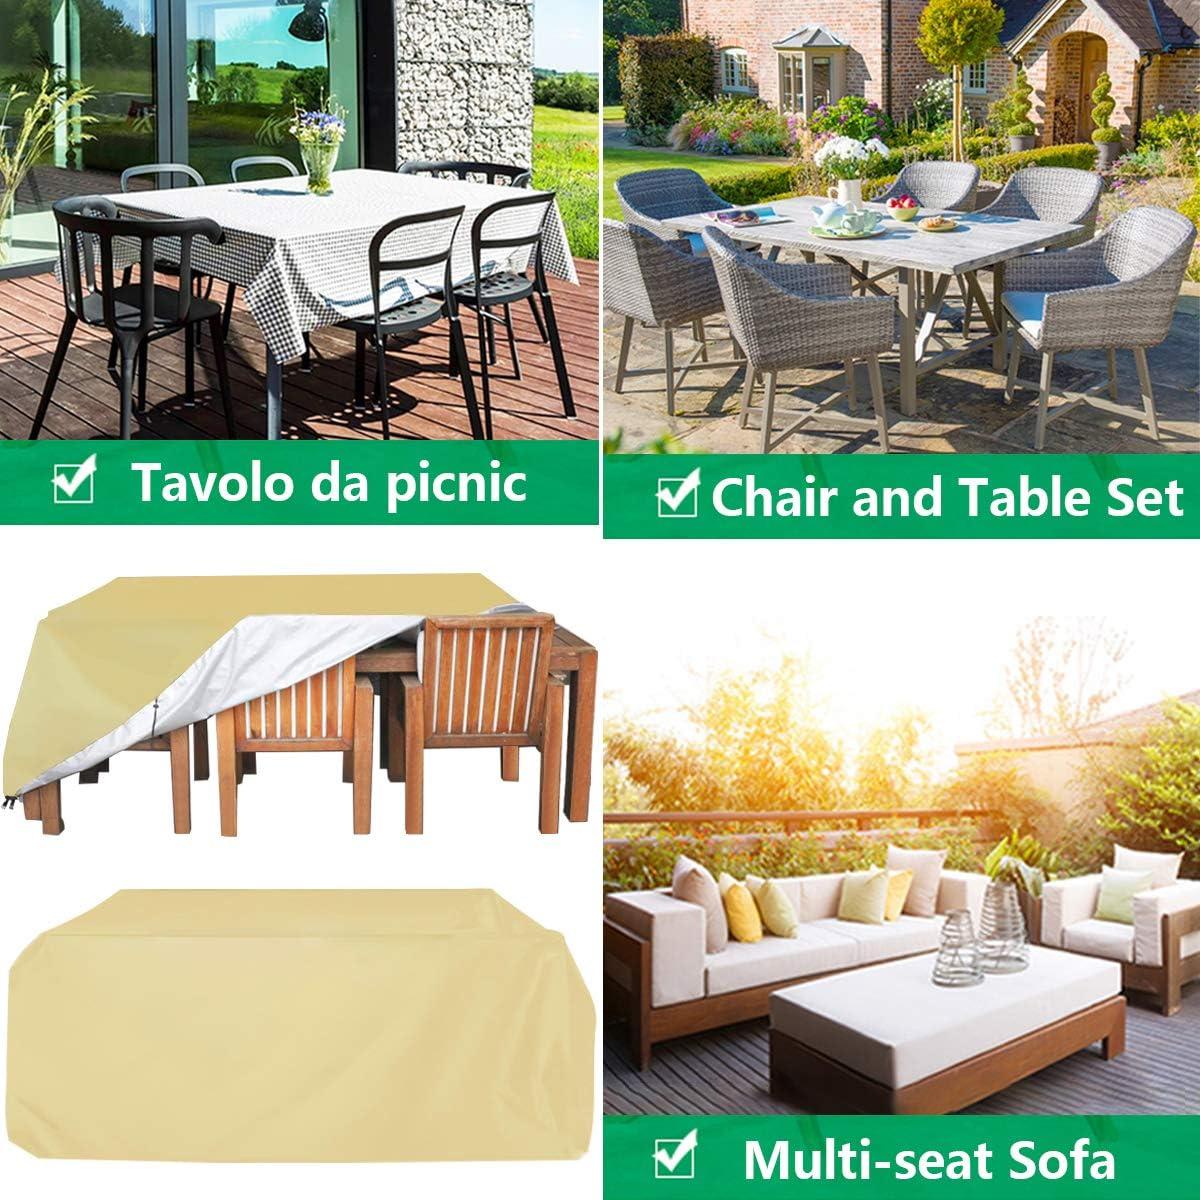 Mesa y Sillas Anti-UV Resistente al Polvo Cubierta Muebles de Mesas 420D Oxford Impermeable Exterior para Sofa de Jardin WYYL Funda para Mesa de Jard/ín Fundas Protectora contra el Fr/ío